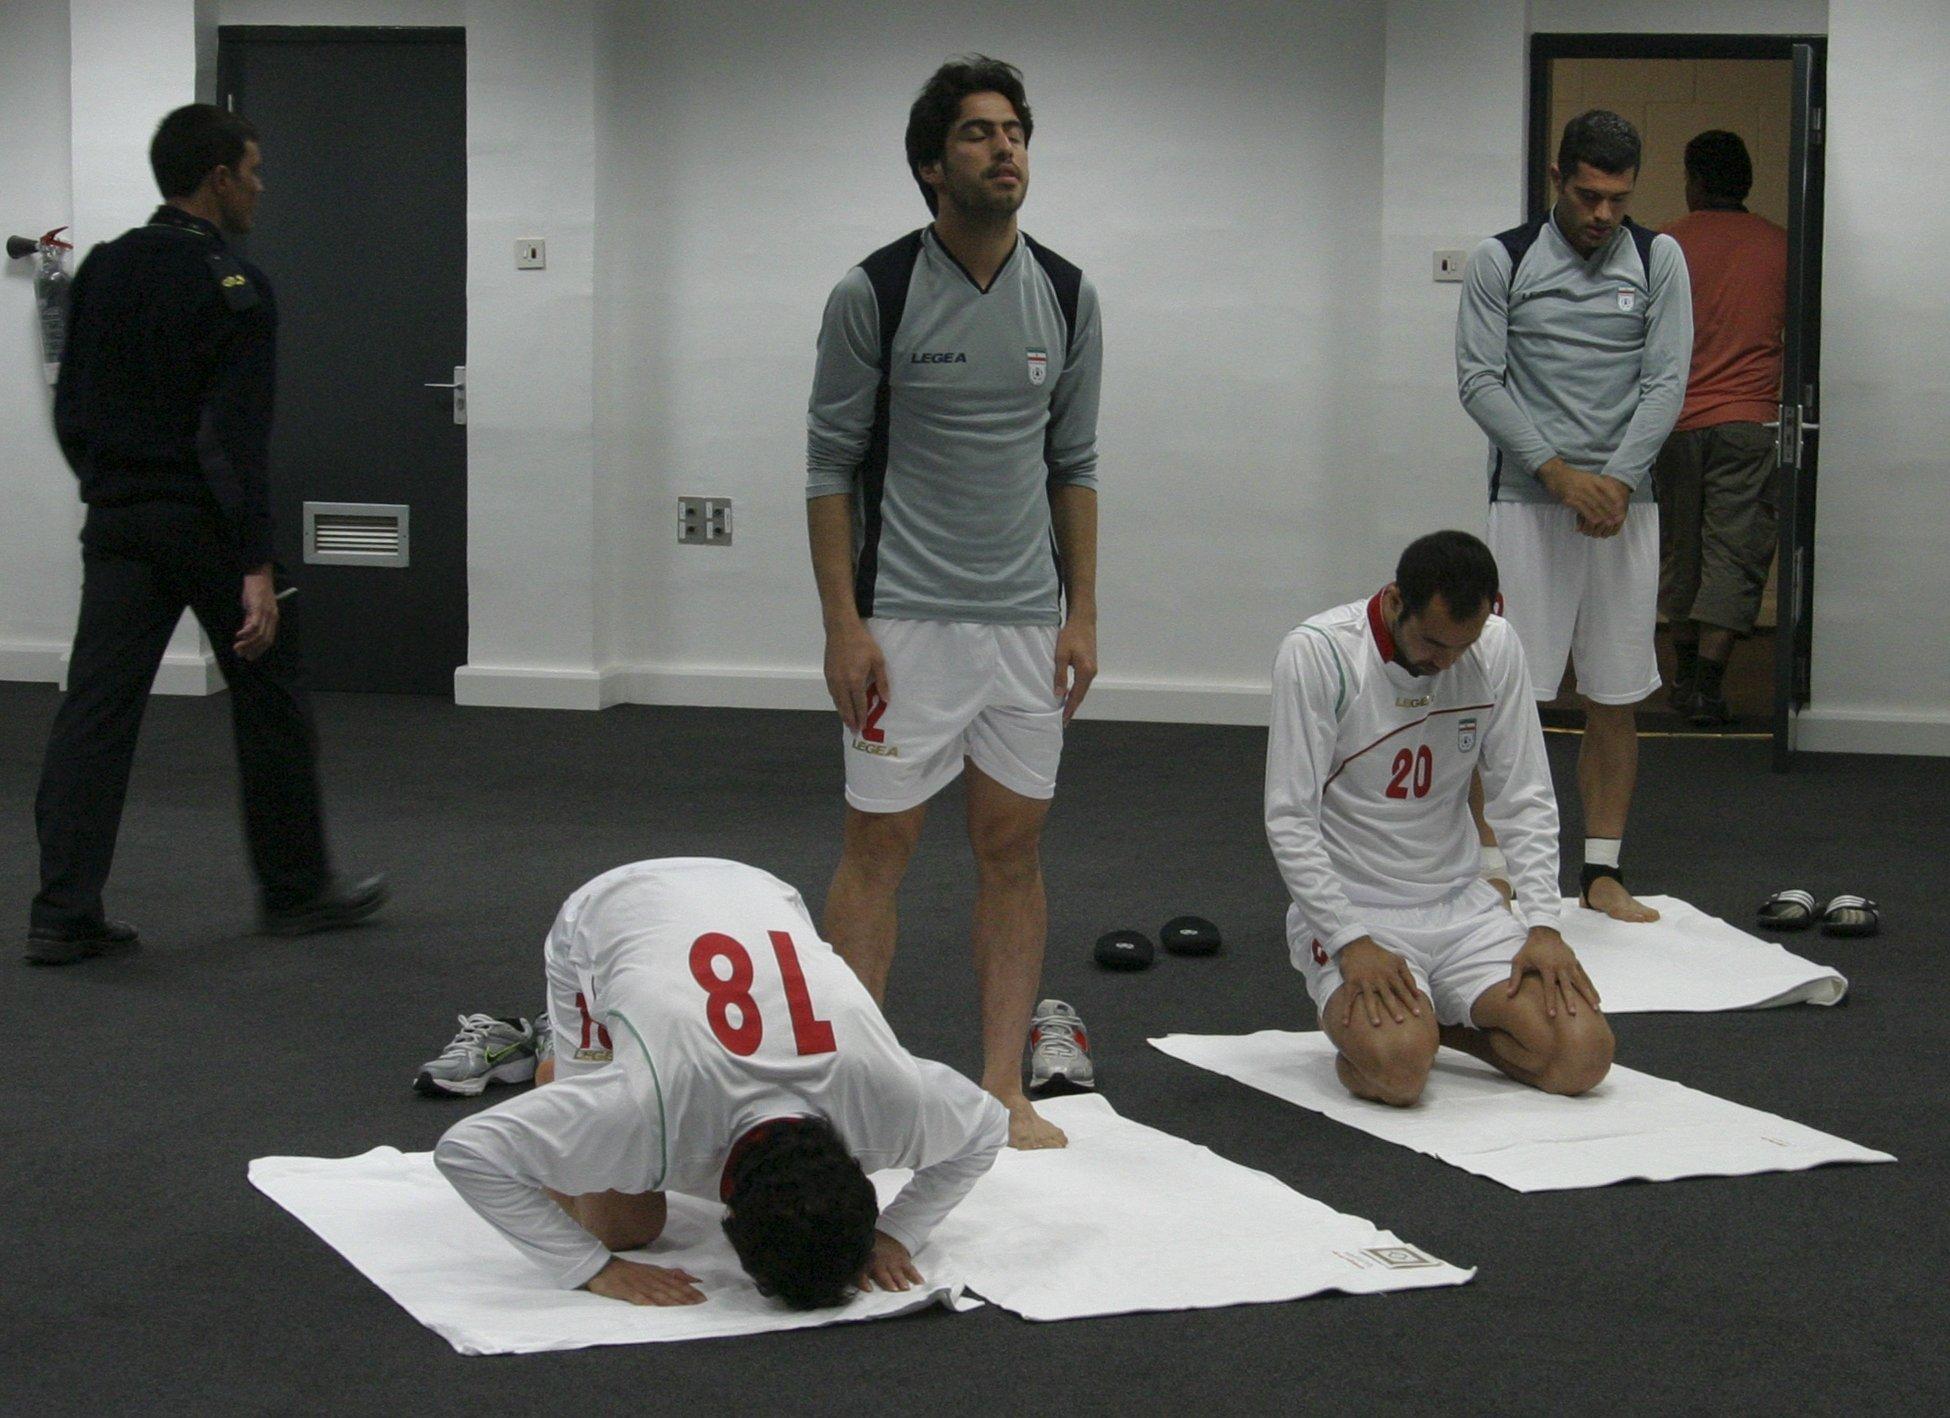 Иранские футболисты рассчитывают на собственные силы и помощь Всевышнего. 2011 год – товарищеский матч сборных России и Ирана.